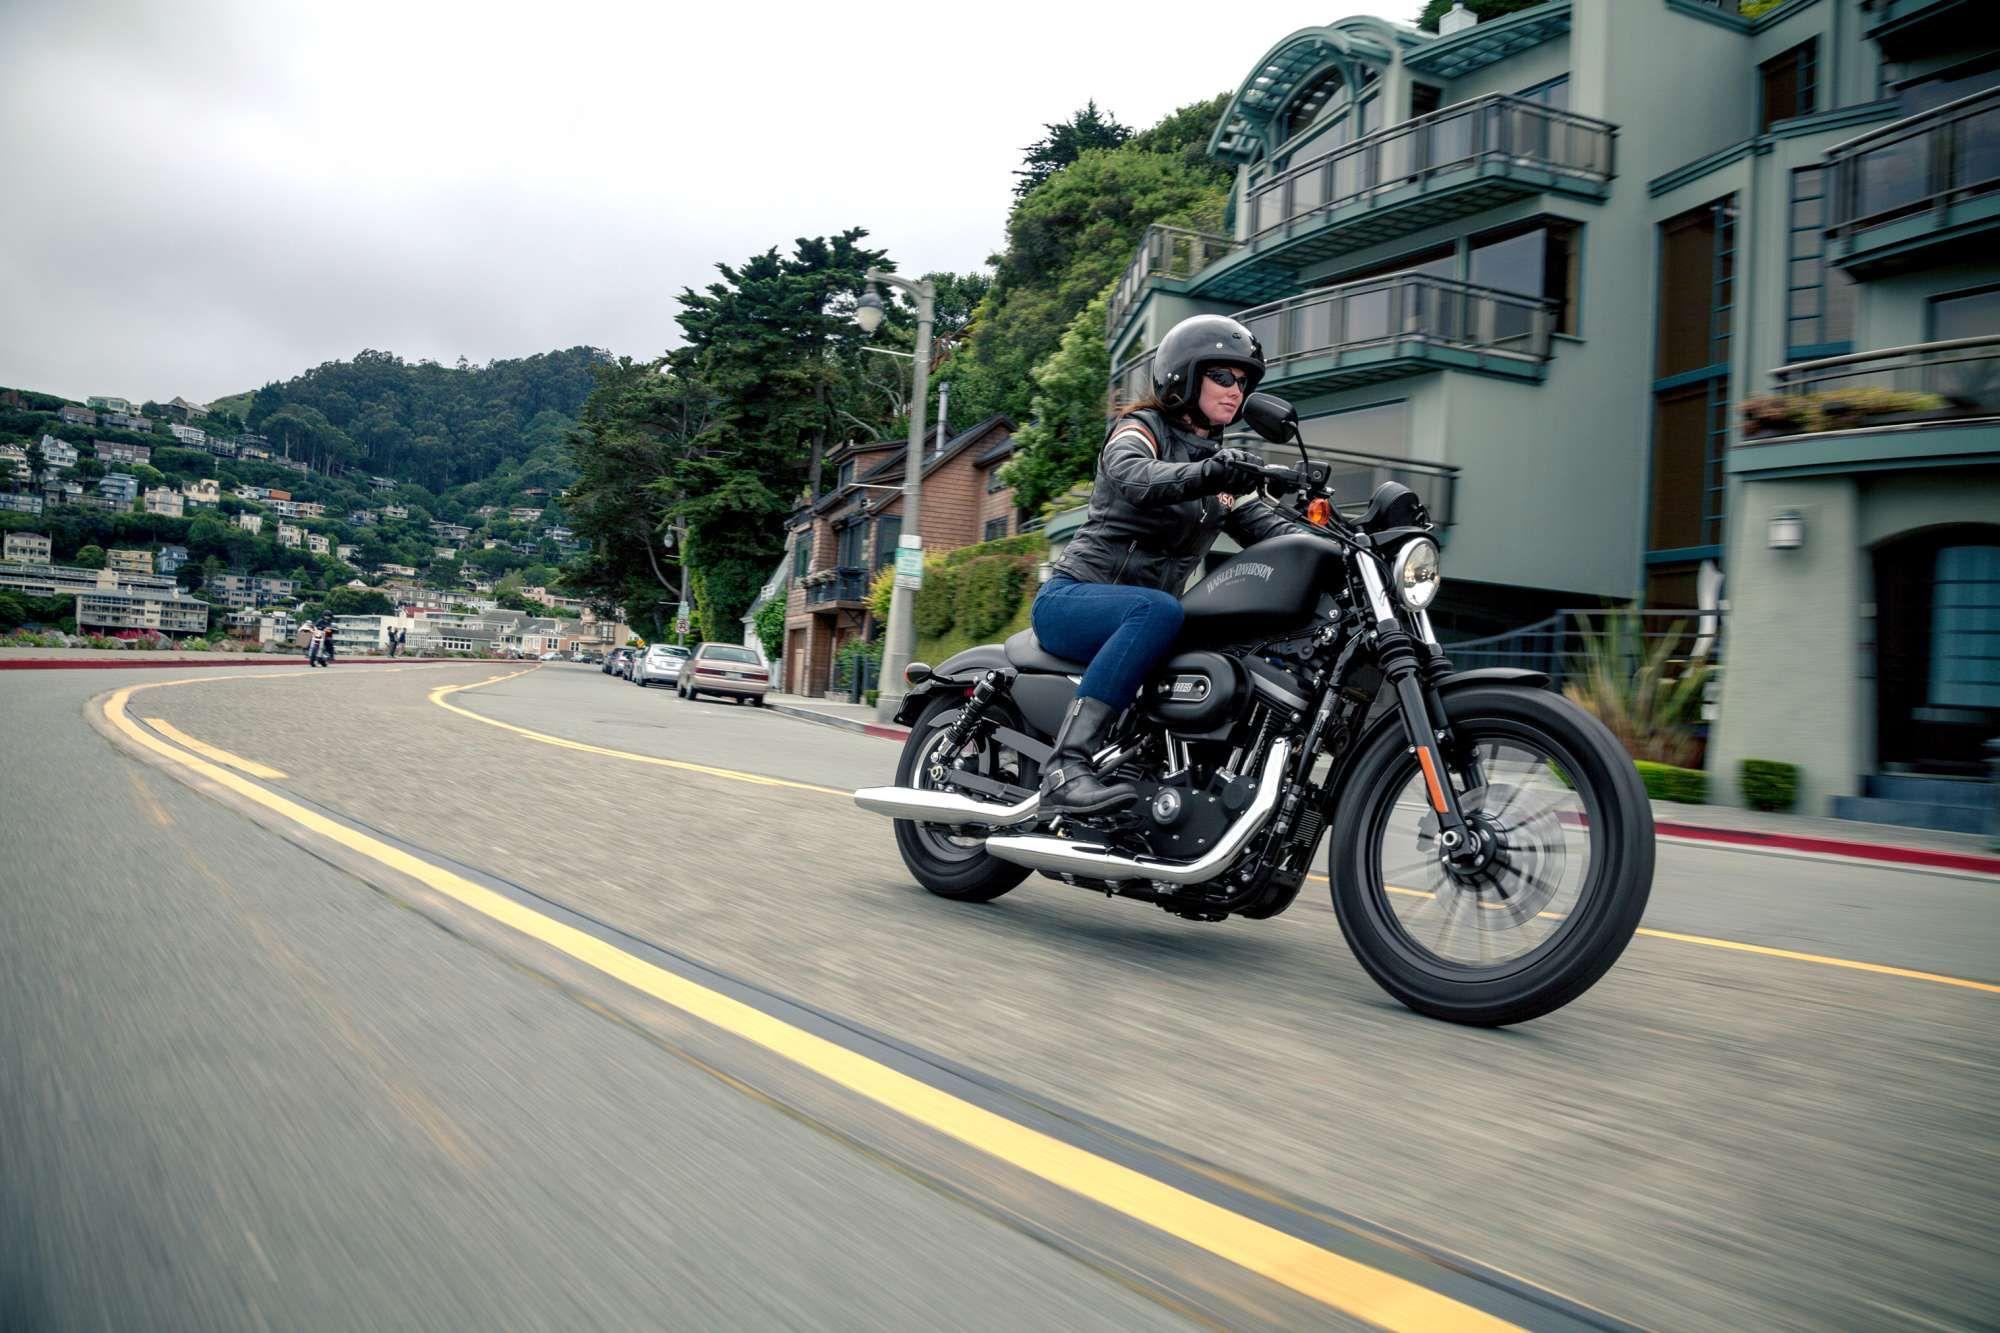 harley davidson sportster xl 883 n iron naked bike. Black Bedroom Furniture Sets. Home Design Ideas